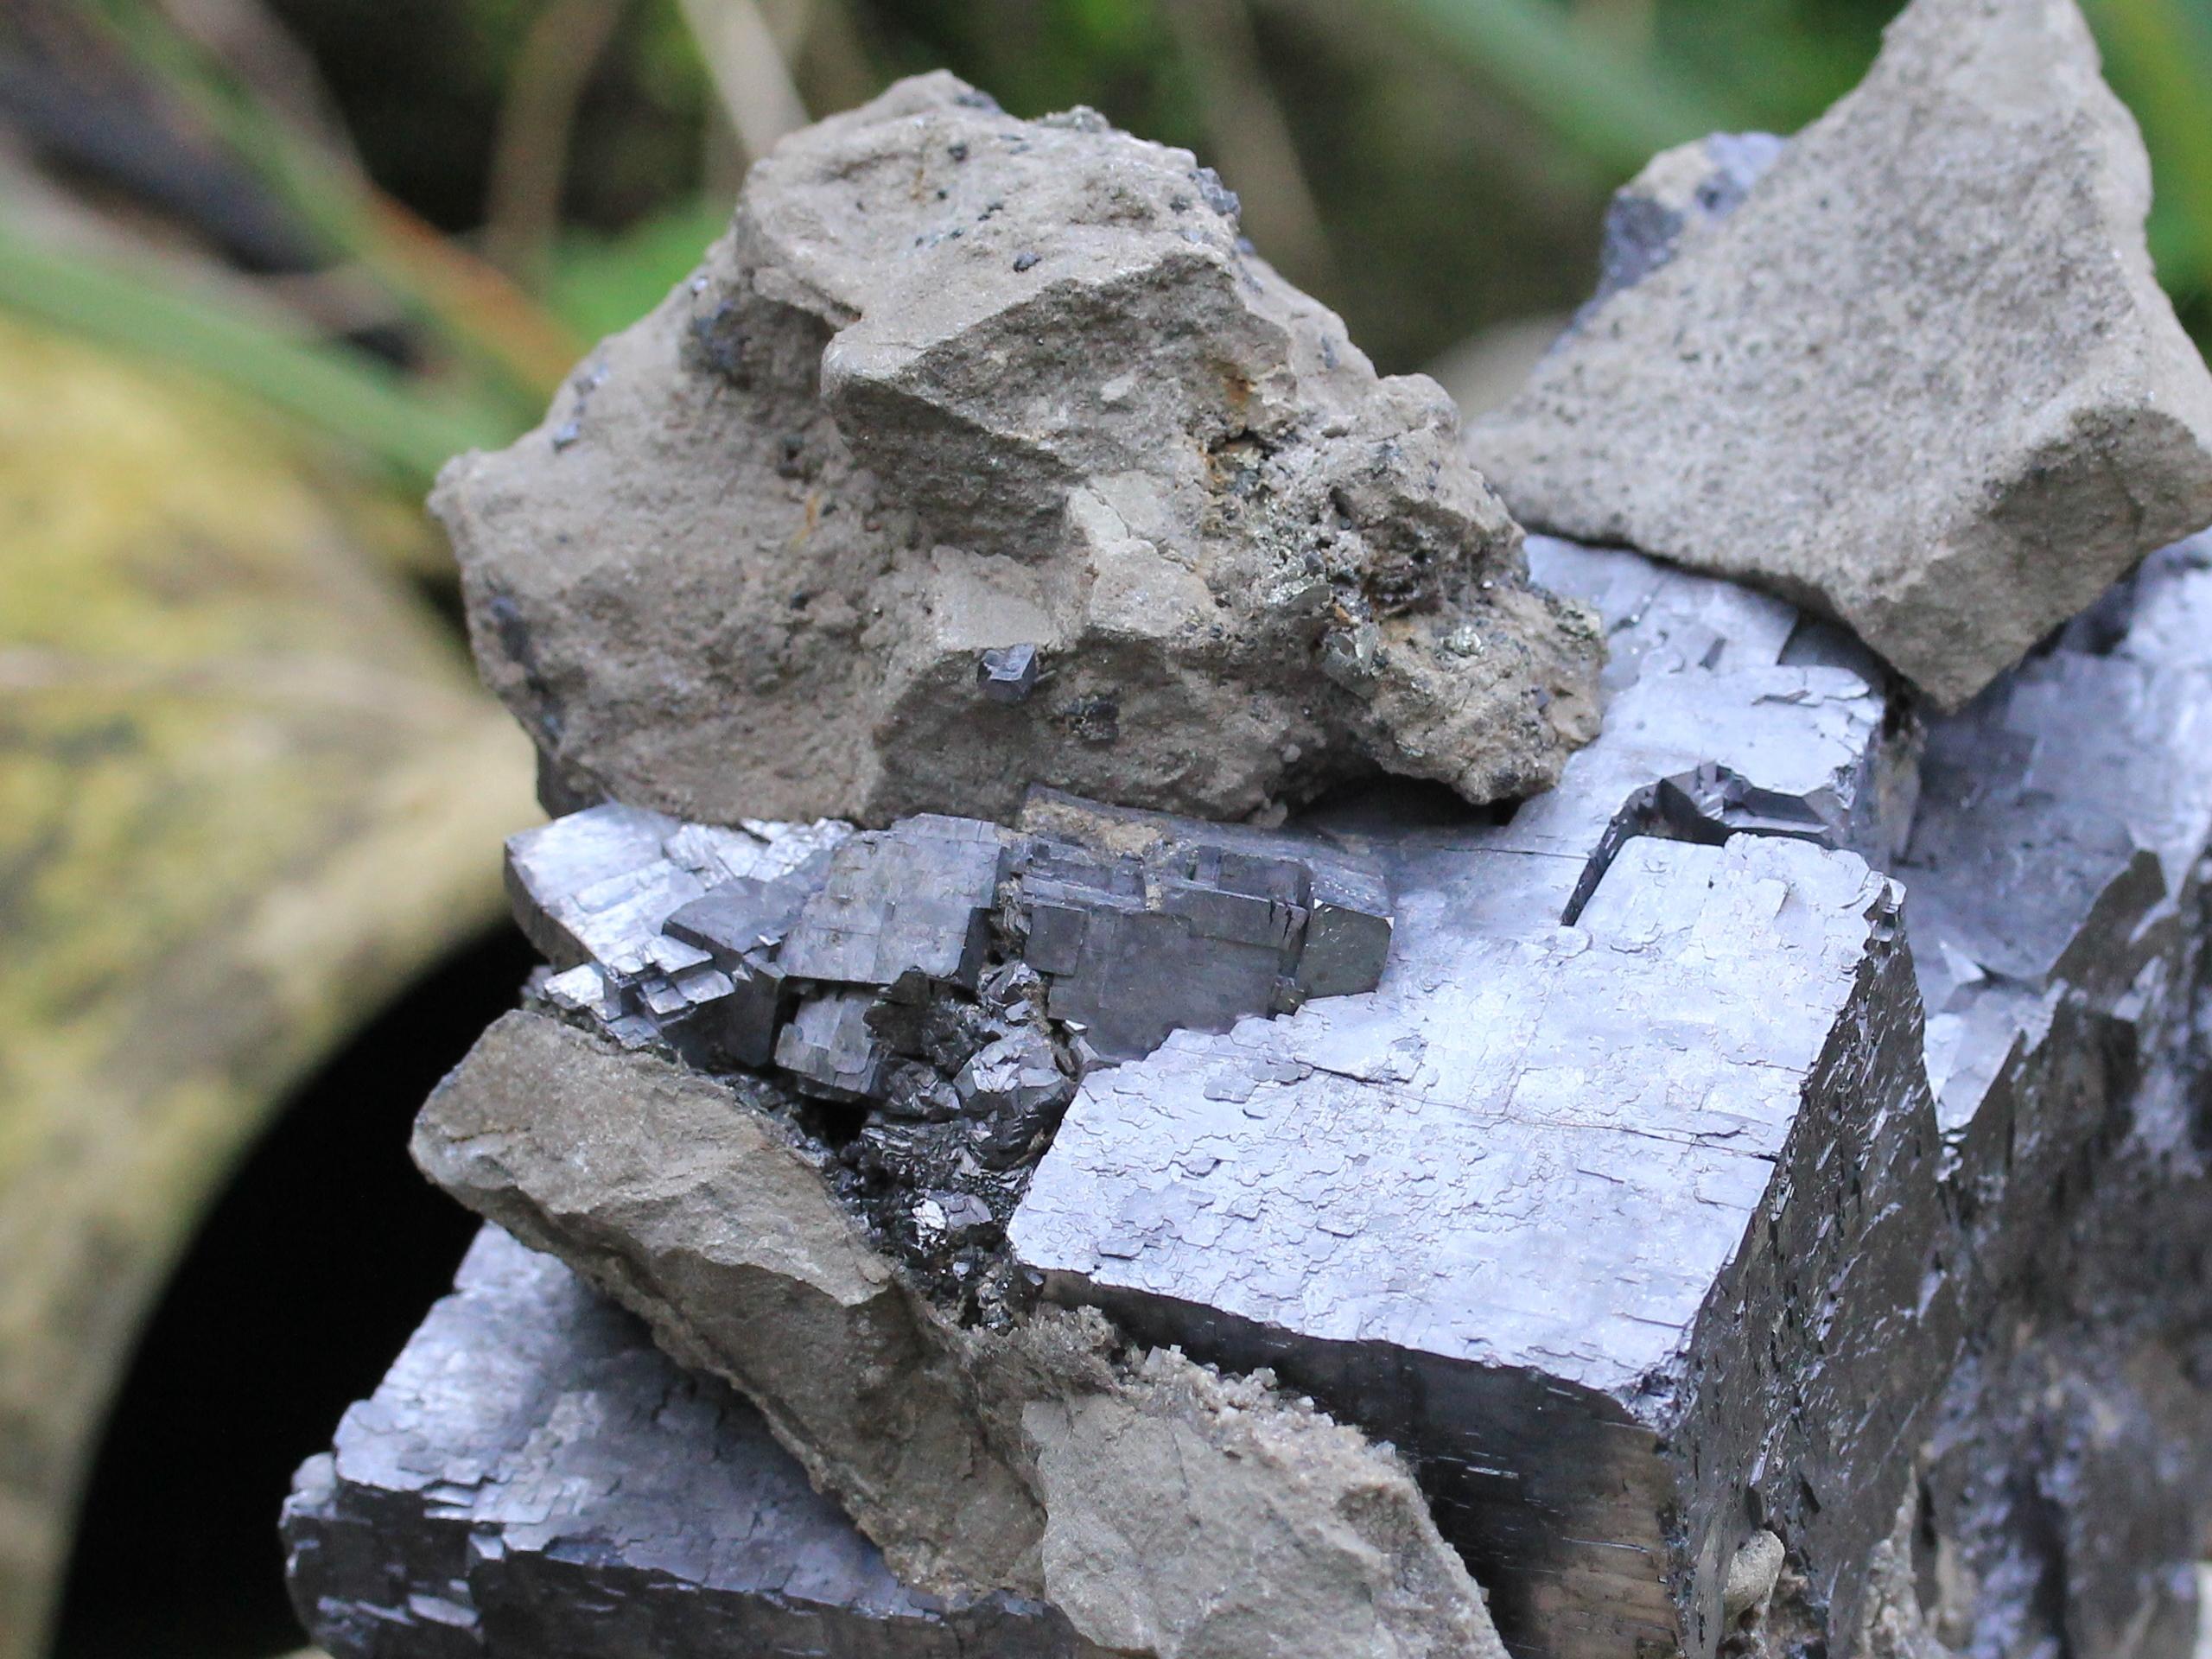 Galena crystals